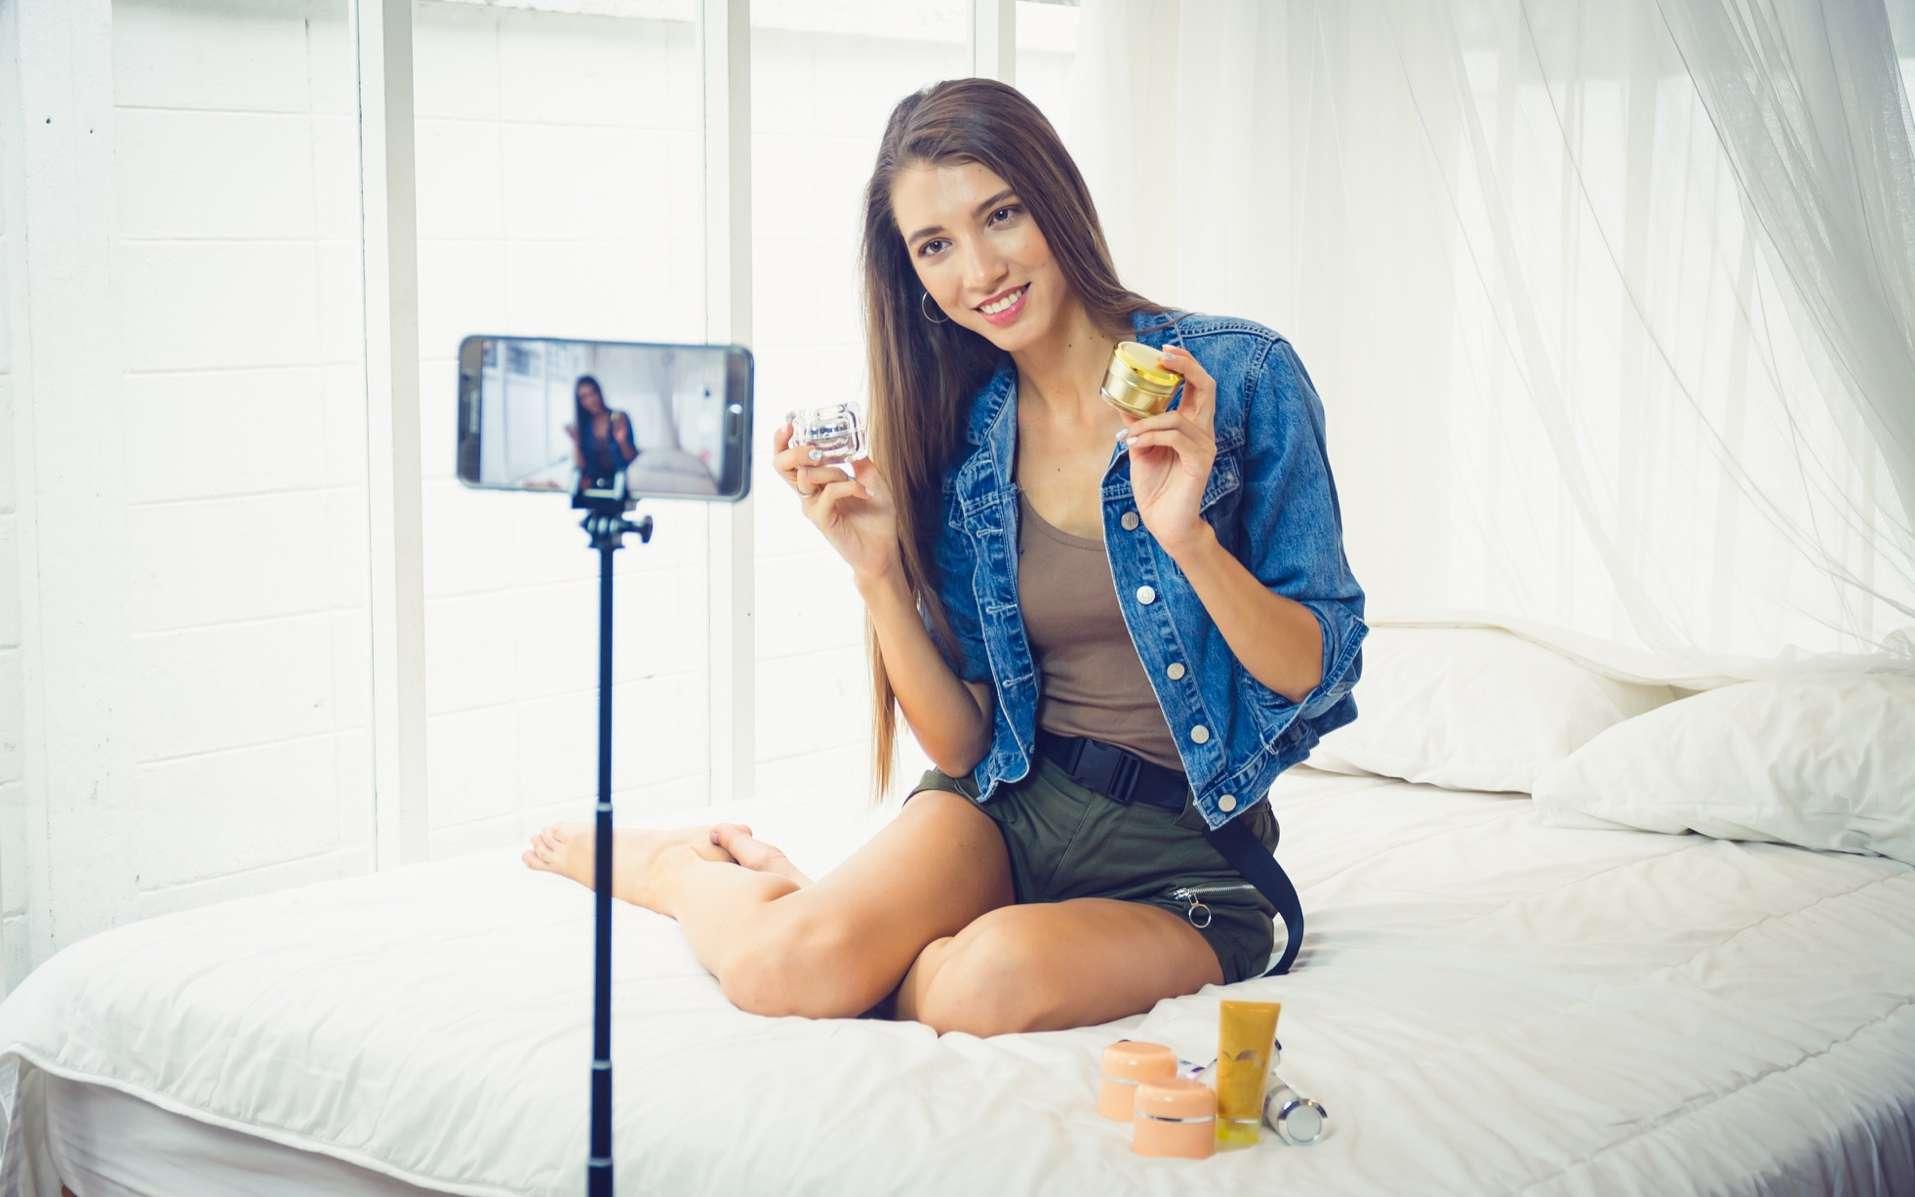 Un simple smartphone suffit aujourd'hui à réaliser une vidéo de qualité. Toutefois, si l'on veut percer sur Youtube, il importe d'adopter le point de vue d'un réalisateur et de bien préparer sa prise. © littlekop, Adobe Stock